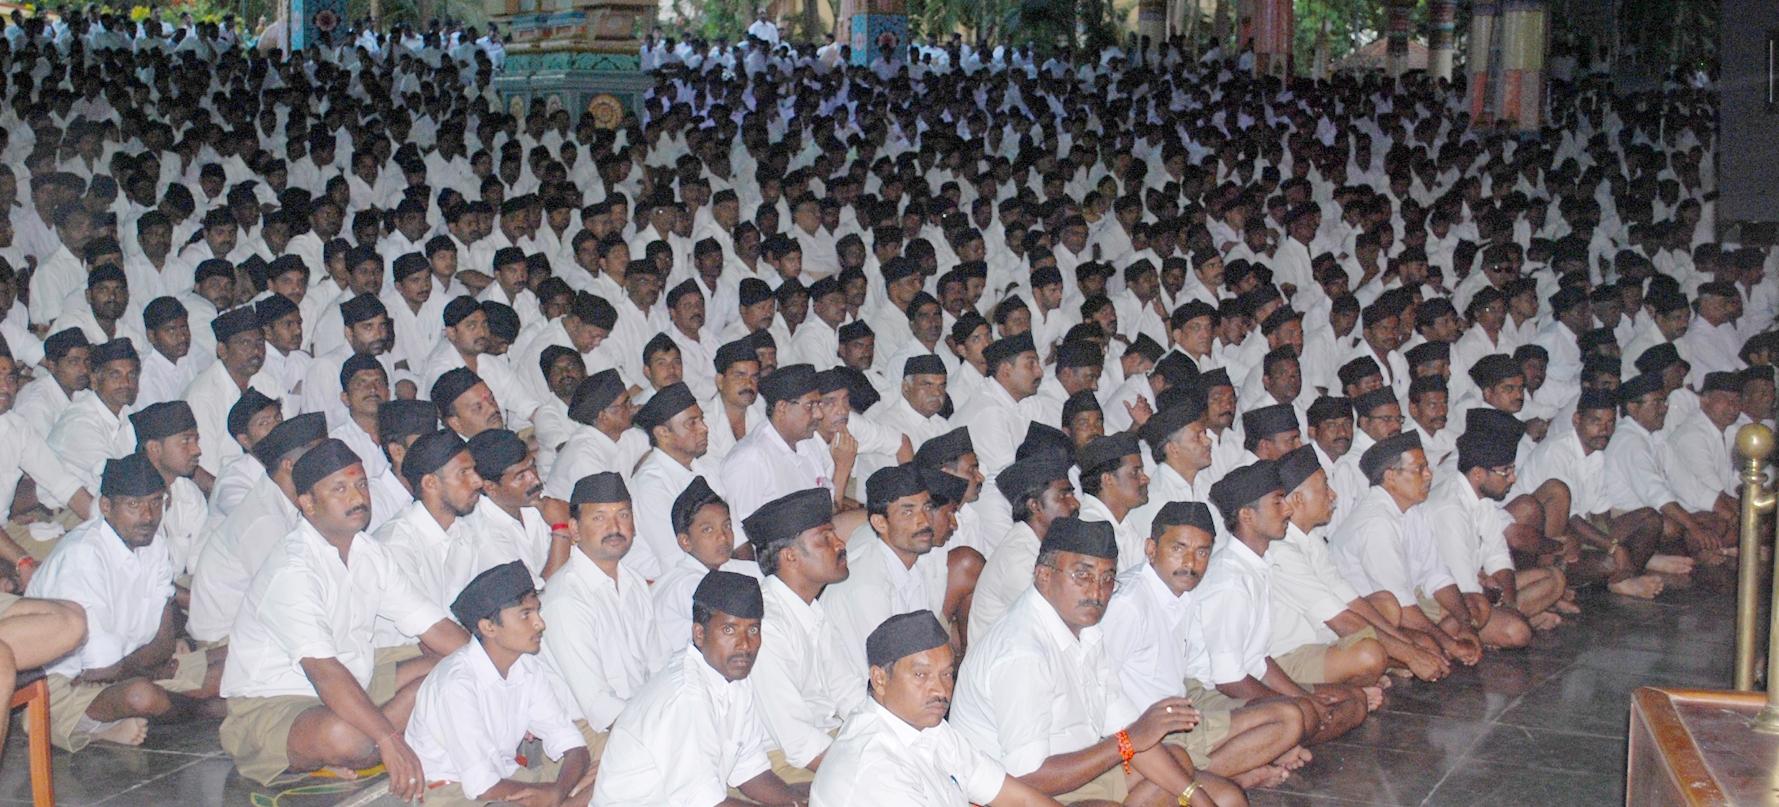 RSS Sarasanghachalak Mohan ji Bhagwat addresses a BOUDHIK VARG at Mysore, Karnataka